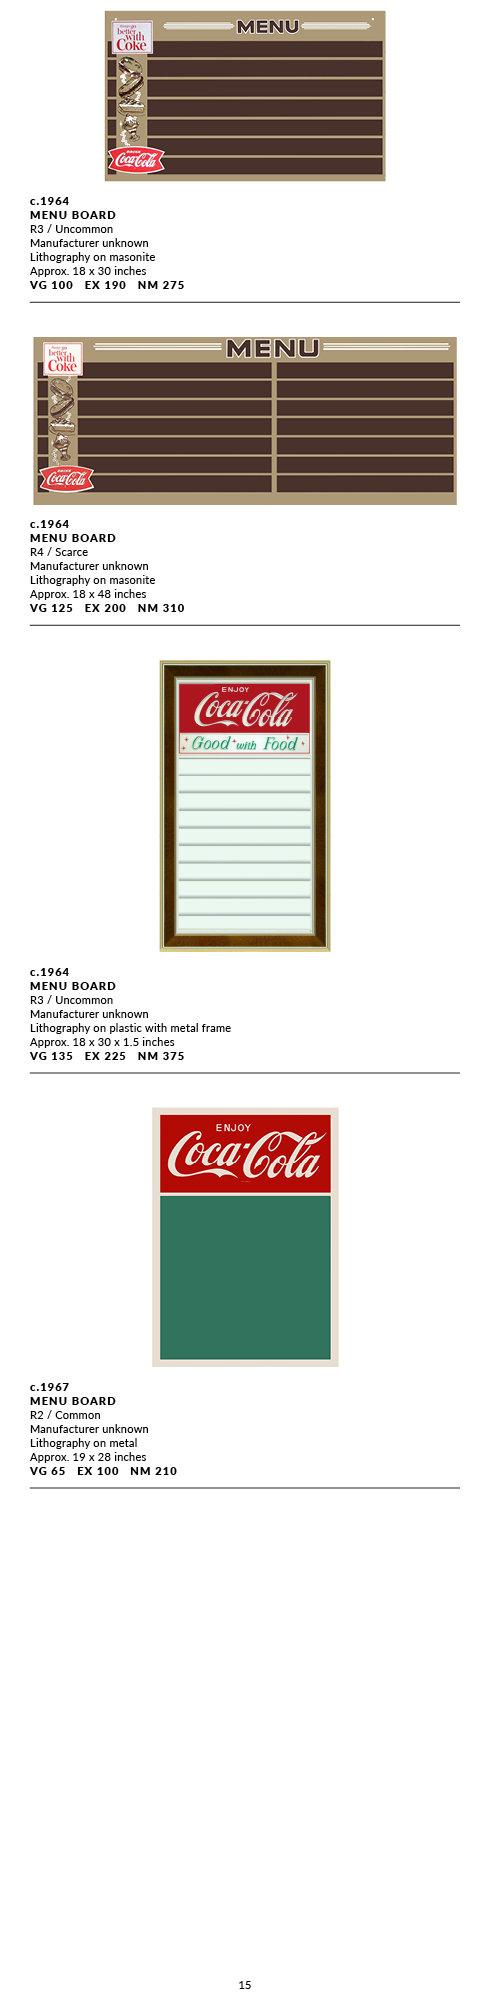 Menu Boards15.jpg